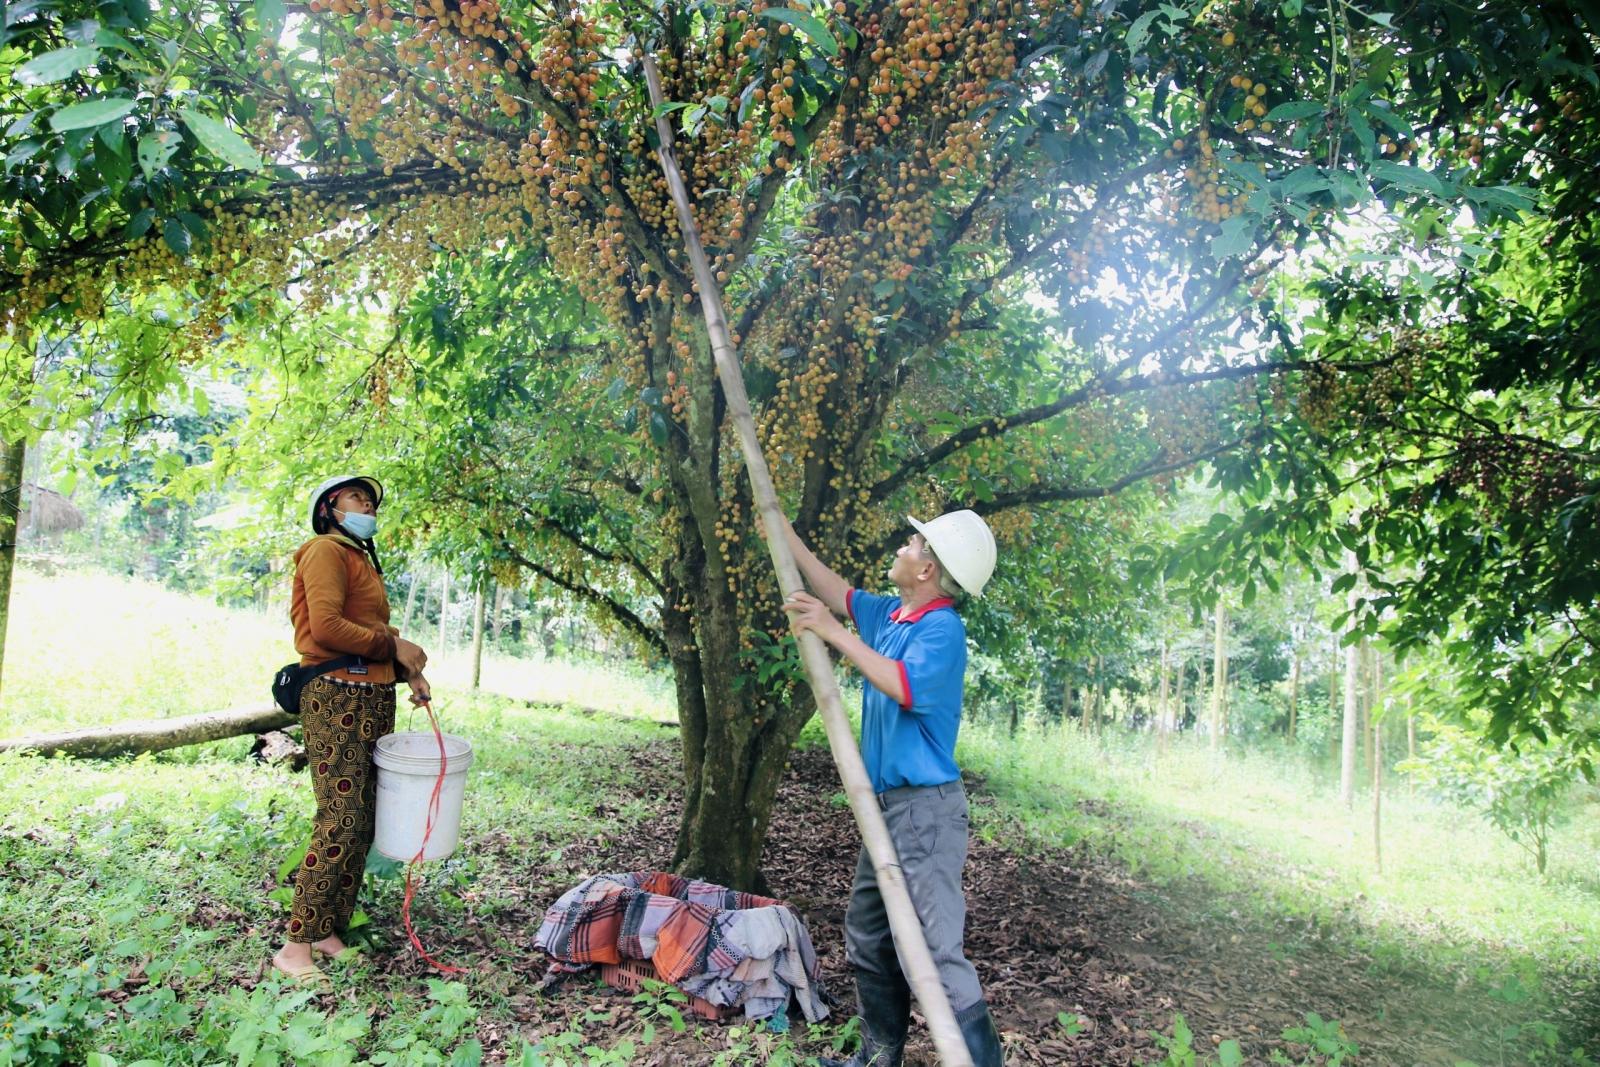 Hà Tĩnh: Loại quả mọc chi chít từ gốc đến ngọn, thương lái phải đến tận vườn đặt mua? - Ảnh 6.